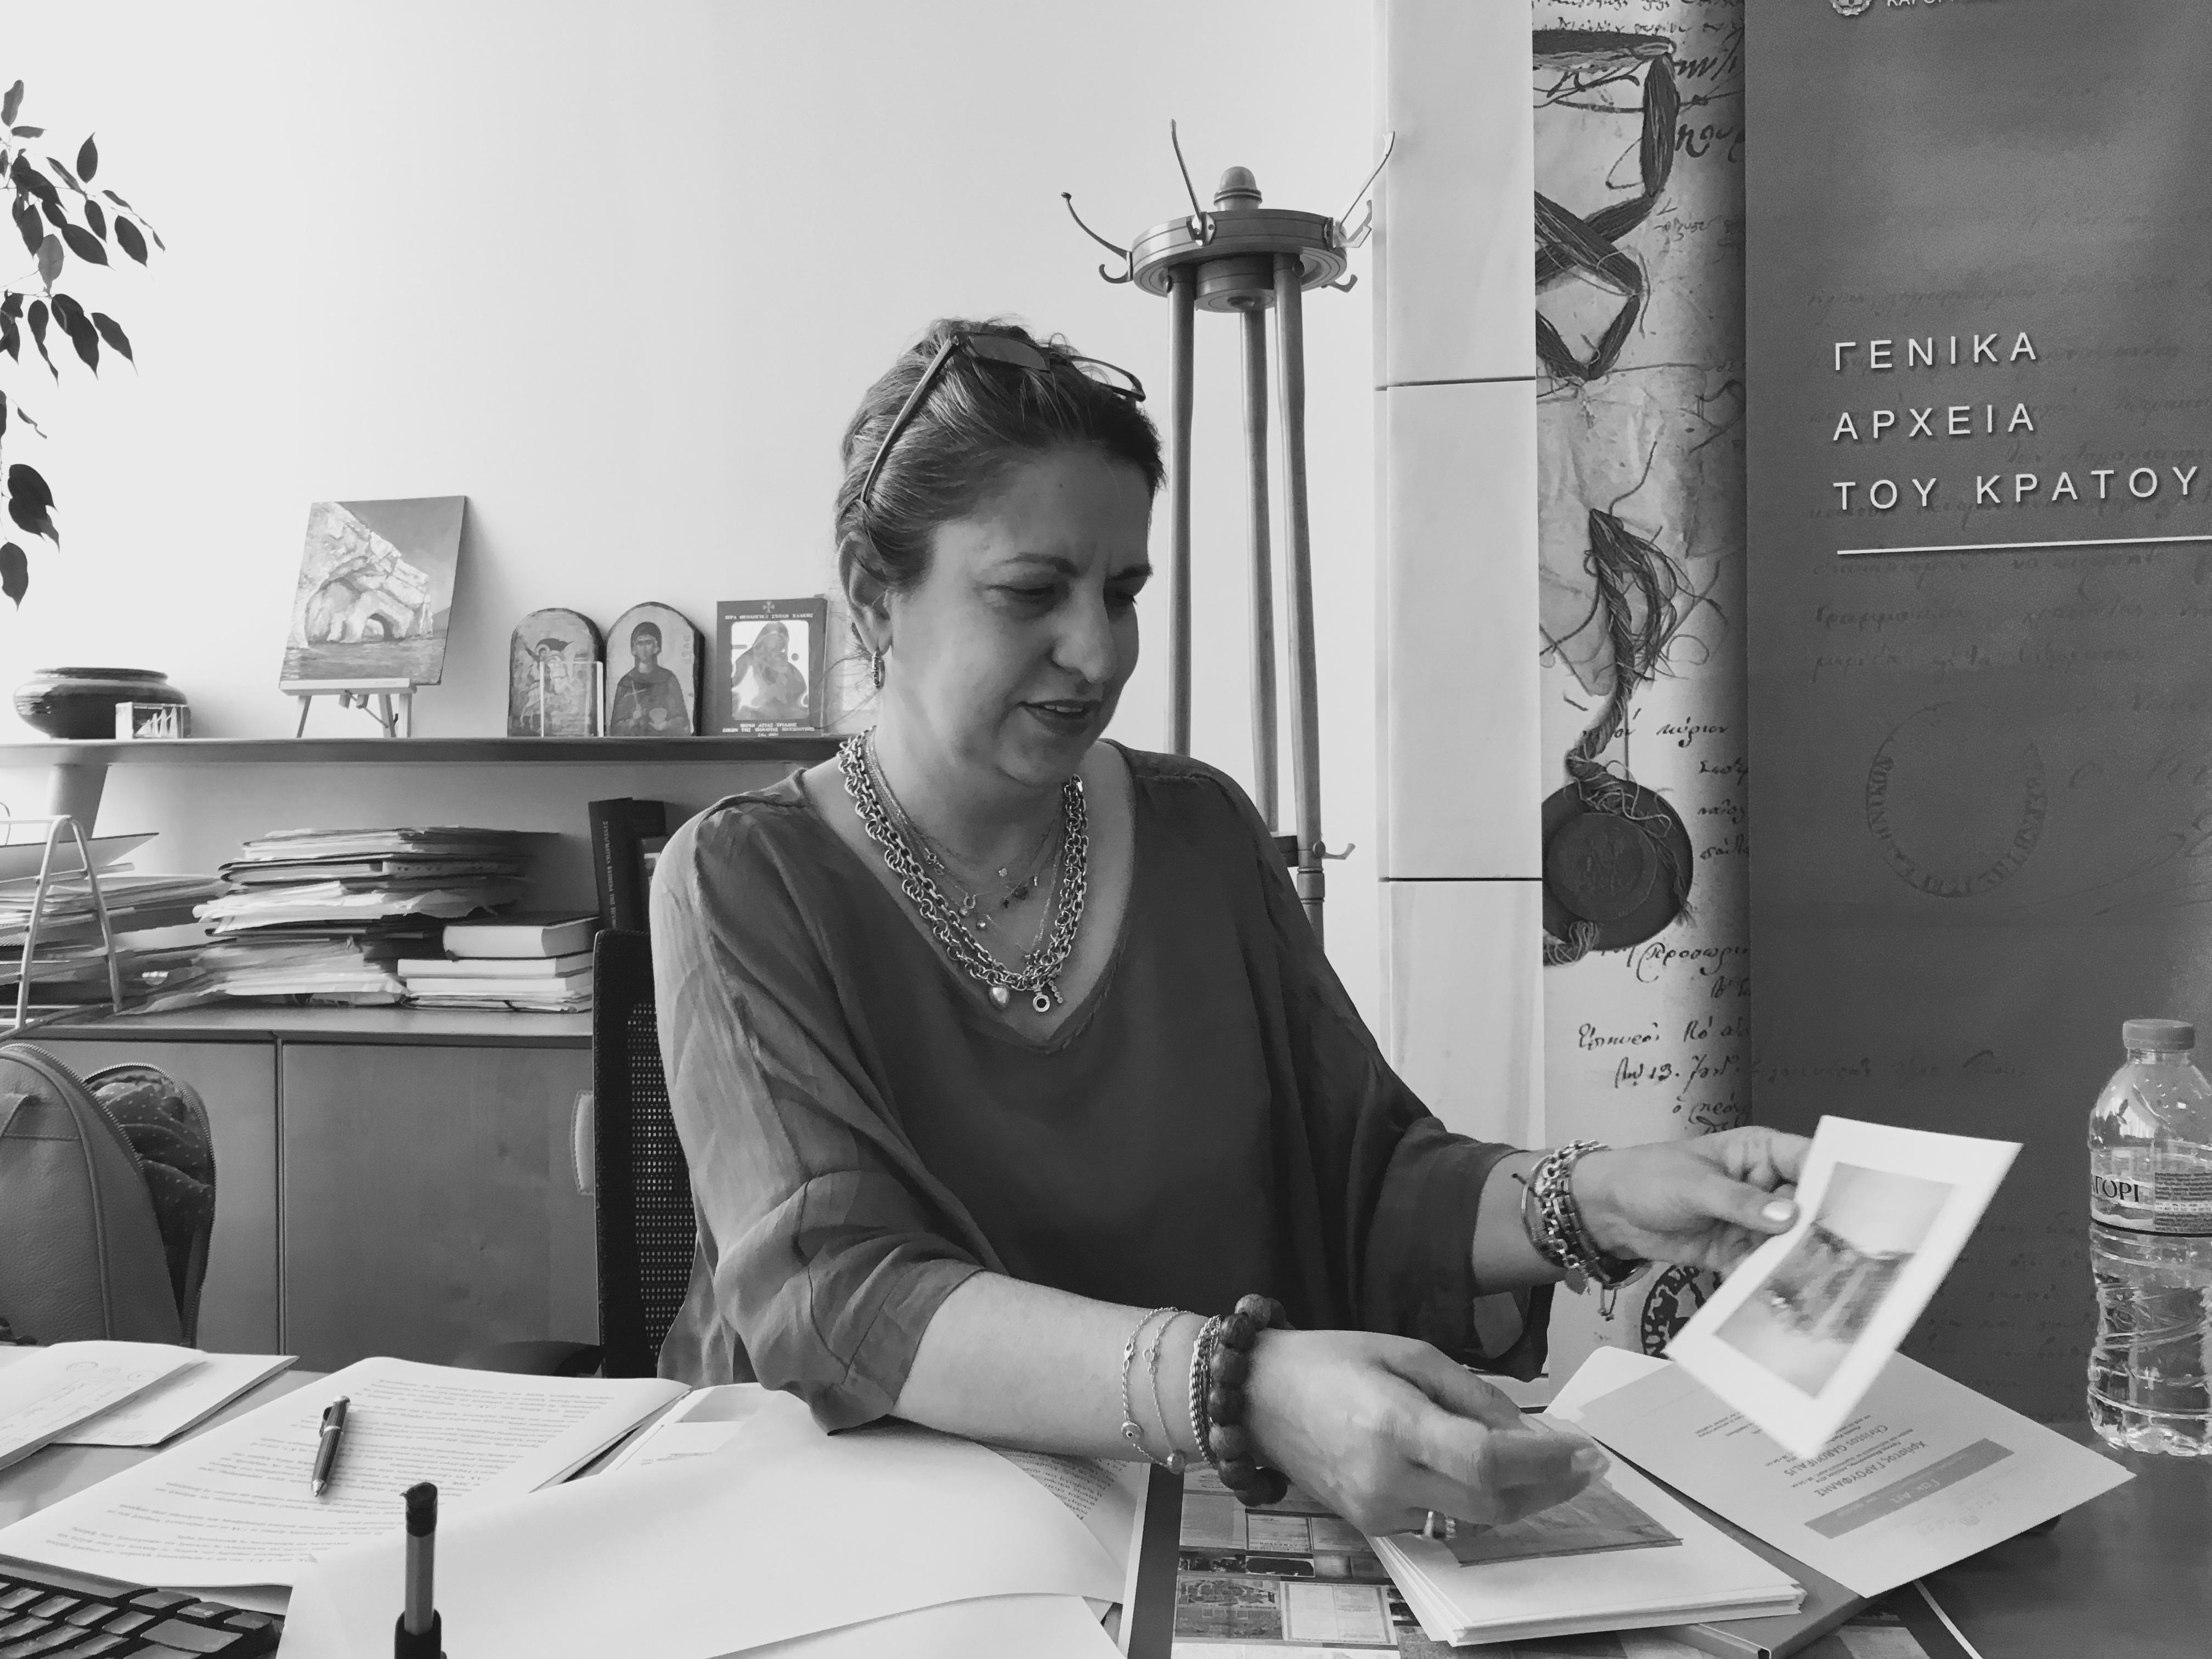 Η γενική διευθύντρια των ΓΑΚ Μαριέττα Μινώτου